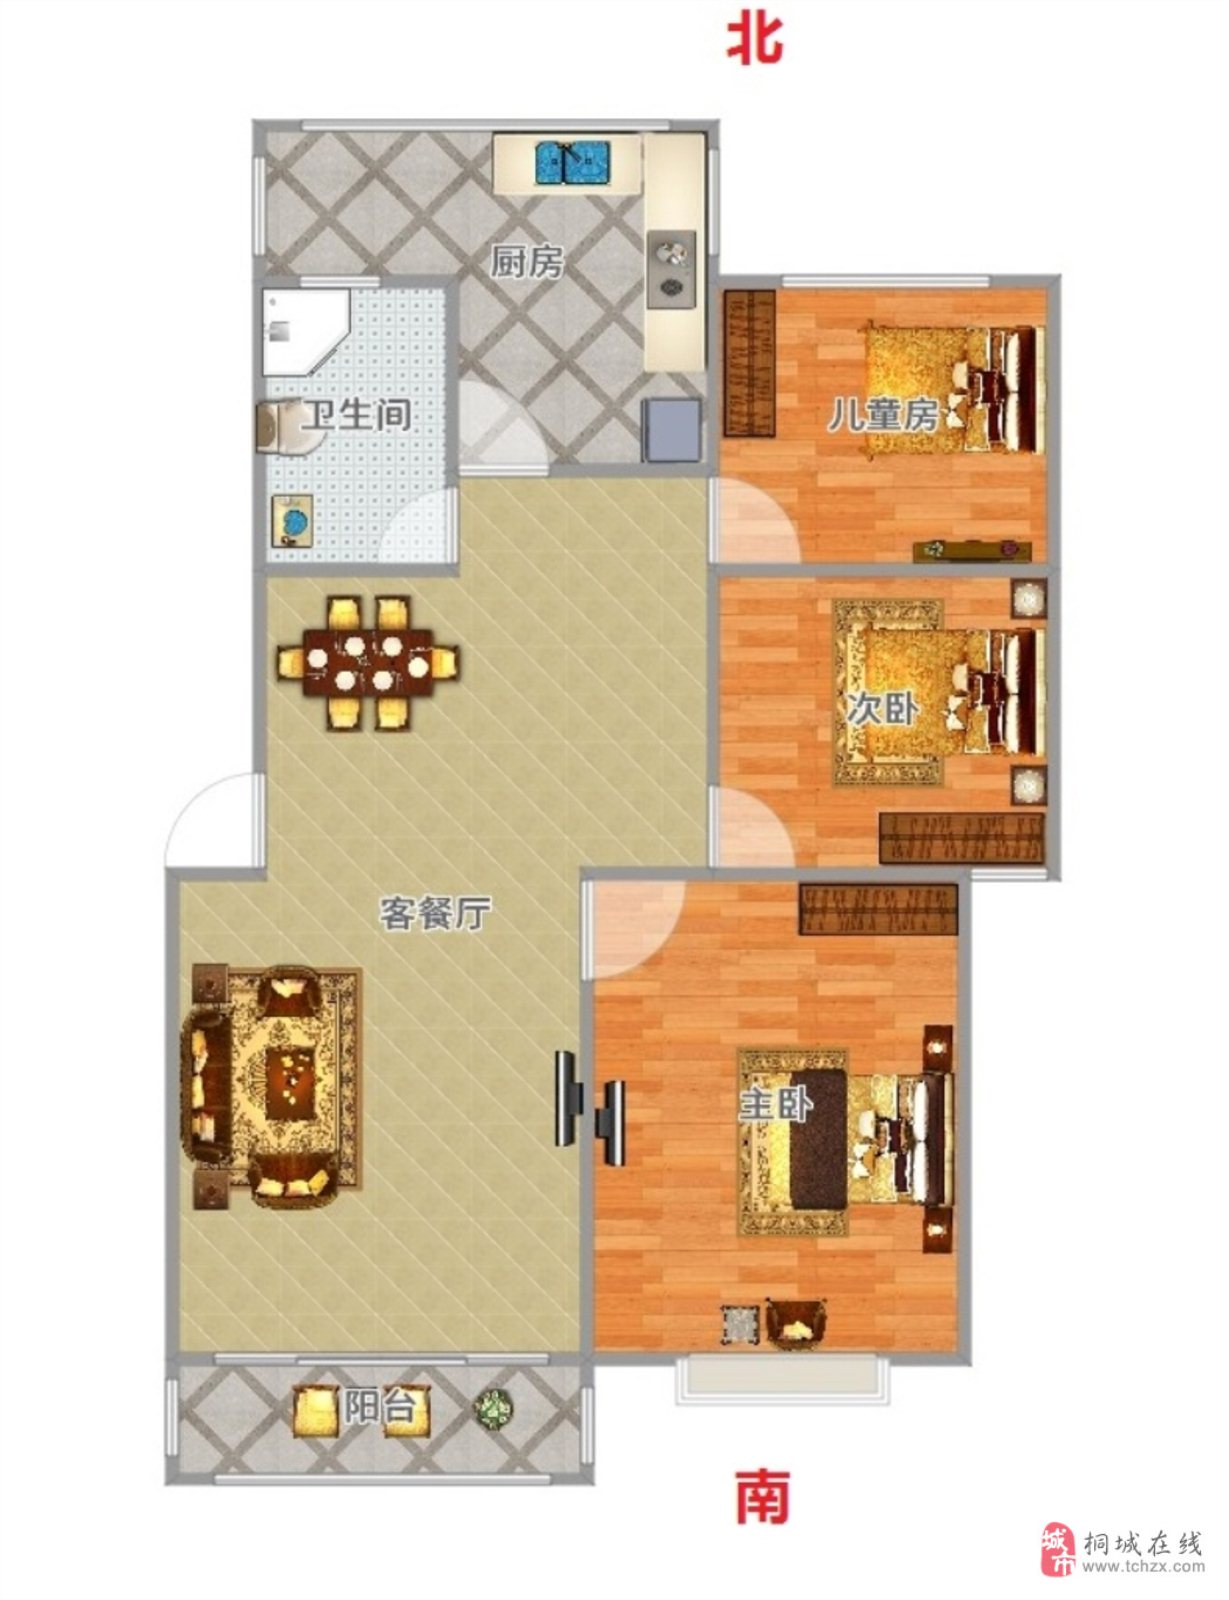 阅城国际3室2厅1卫70万元